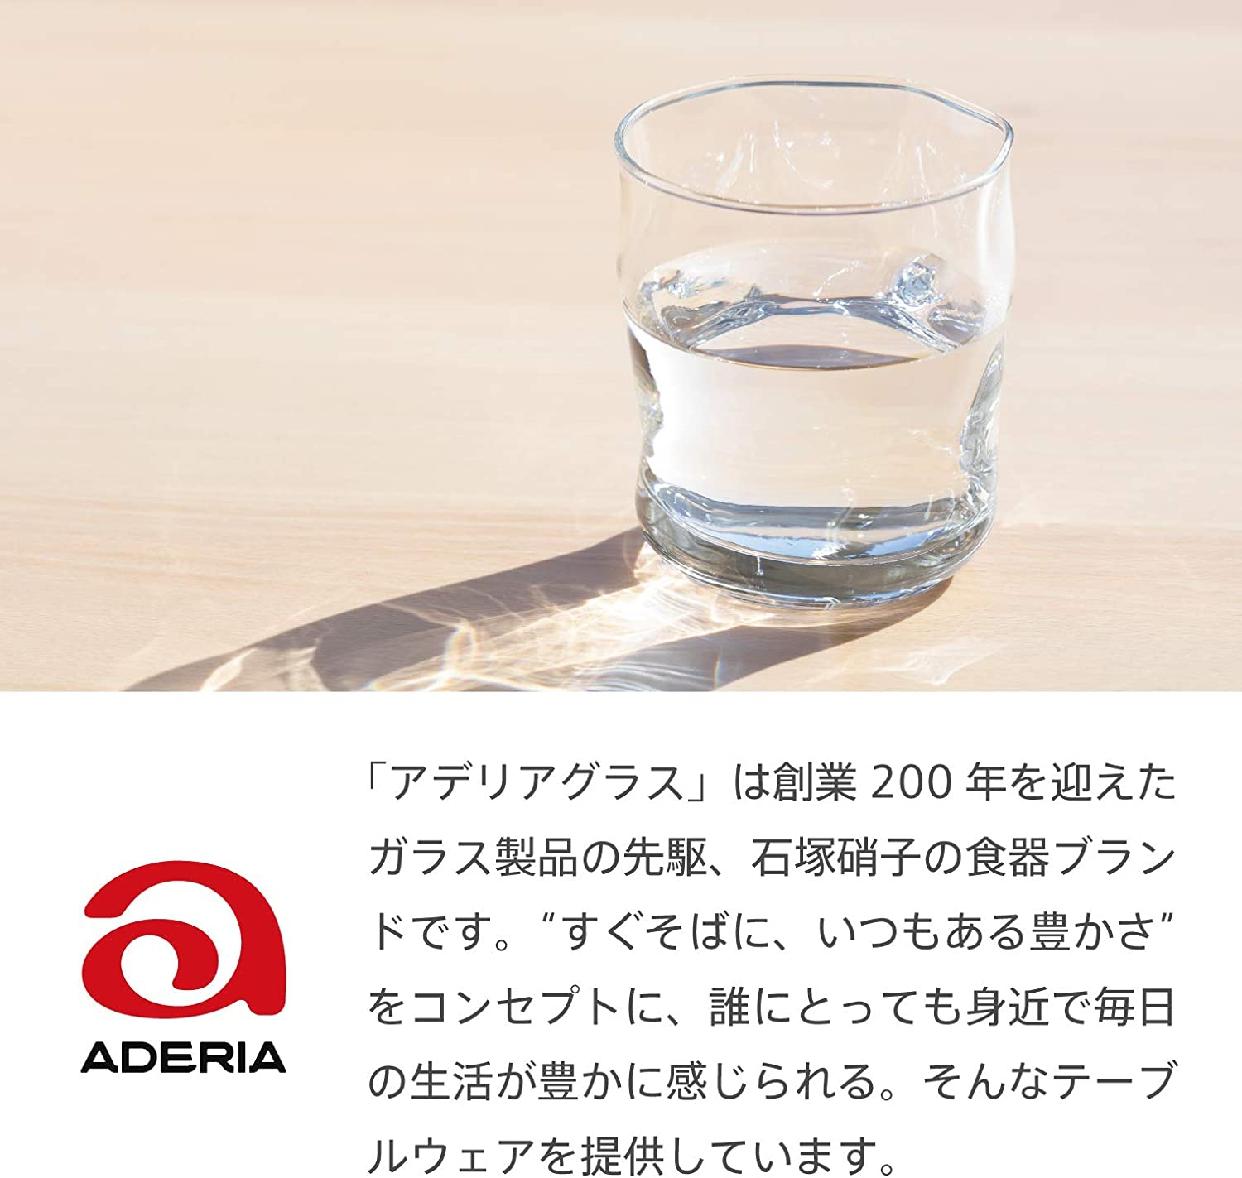 ADERIA(アデリア) ビールグラスの商品画像7